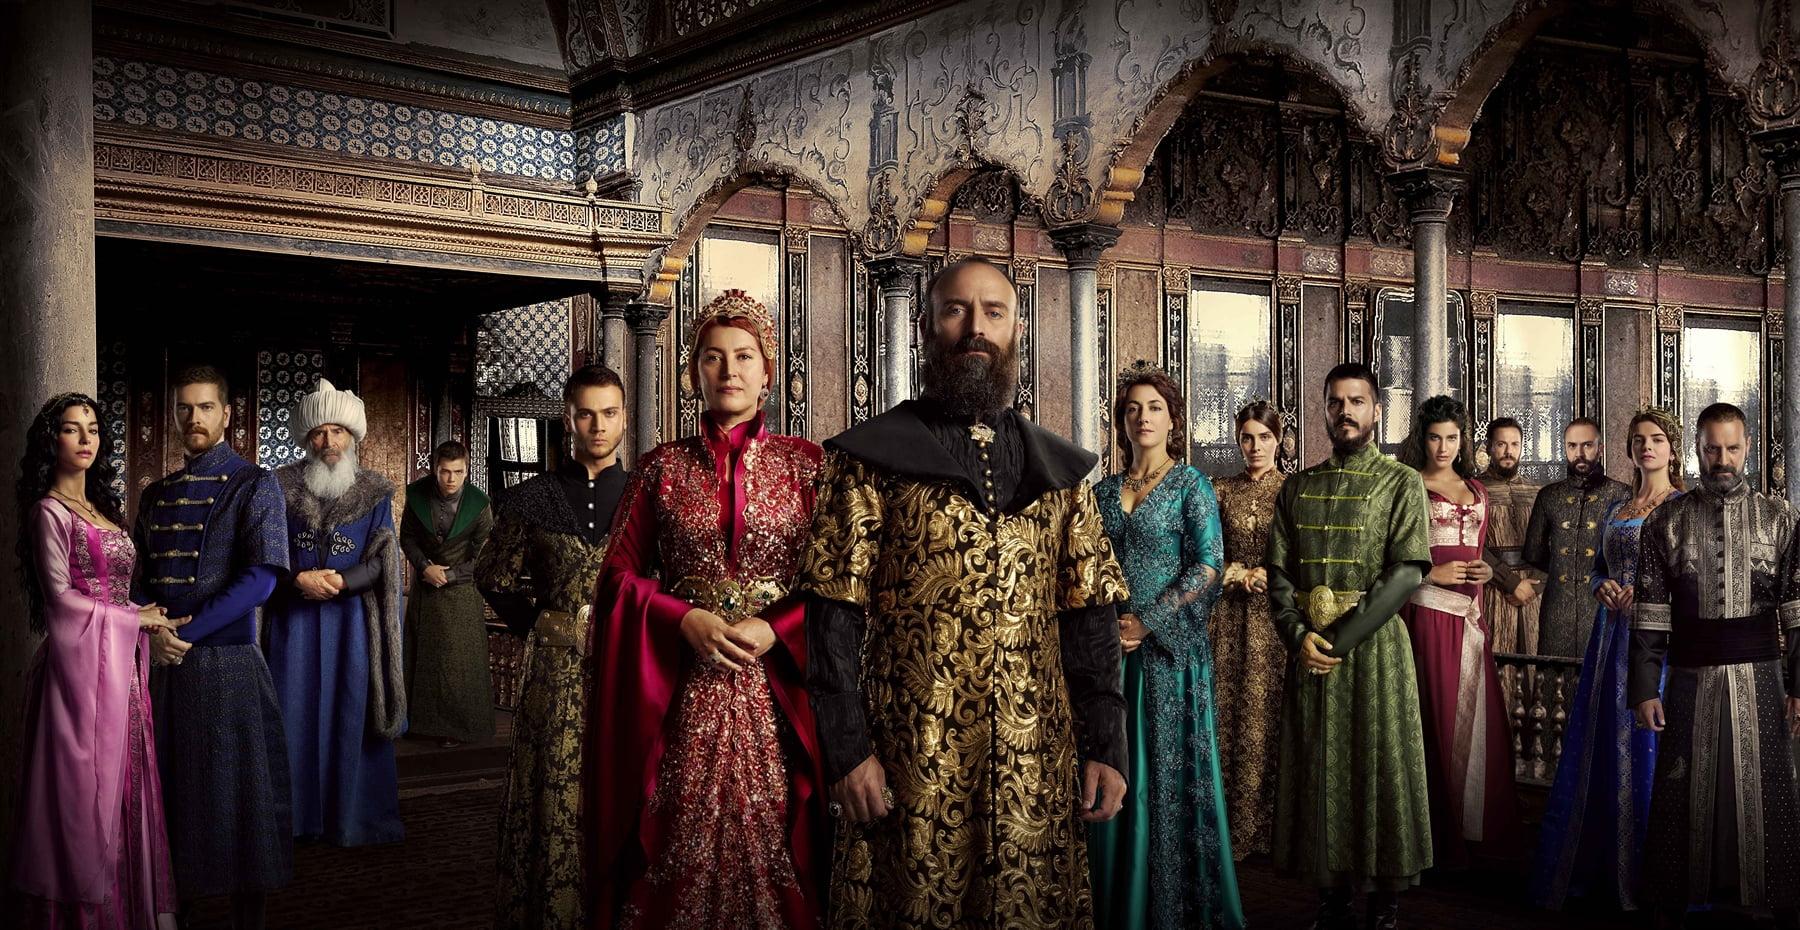 ТОП 10 самых популярных турецких сериалов по всему миру